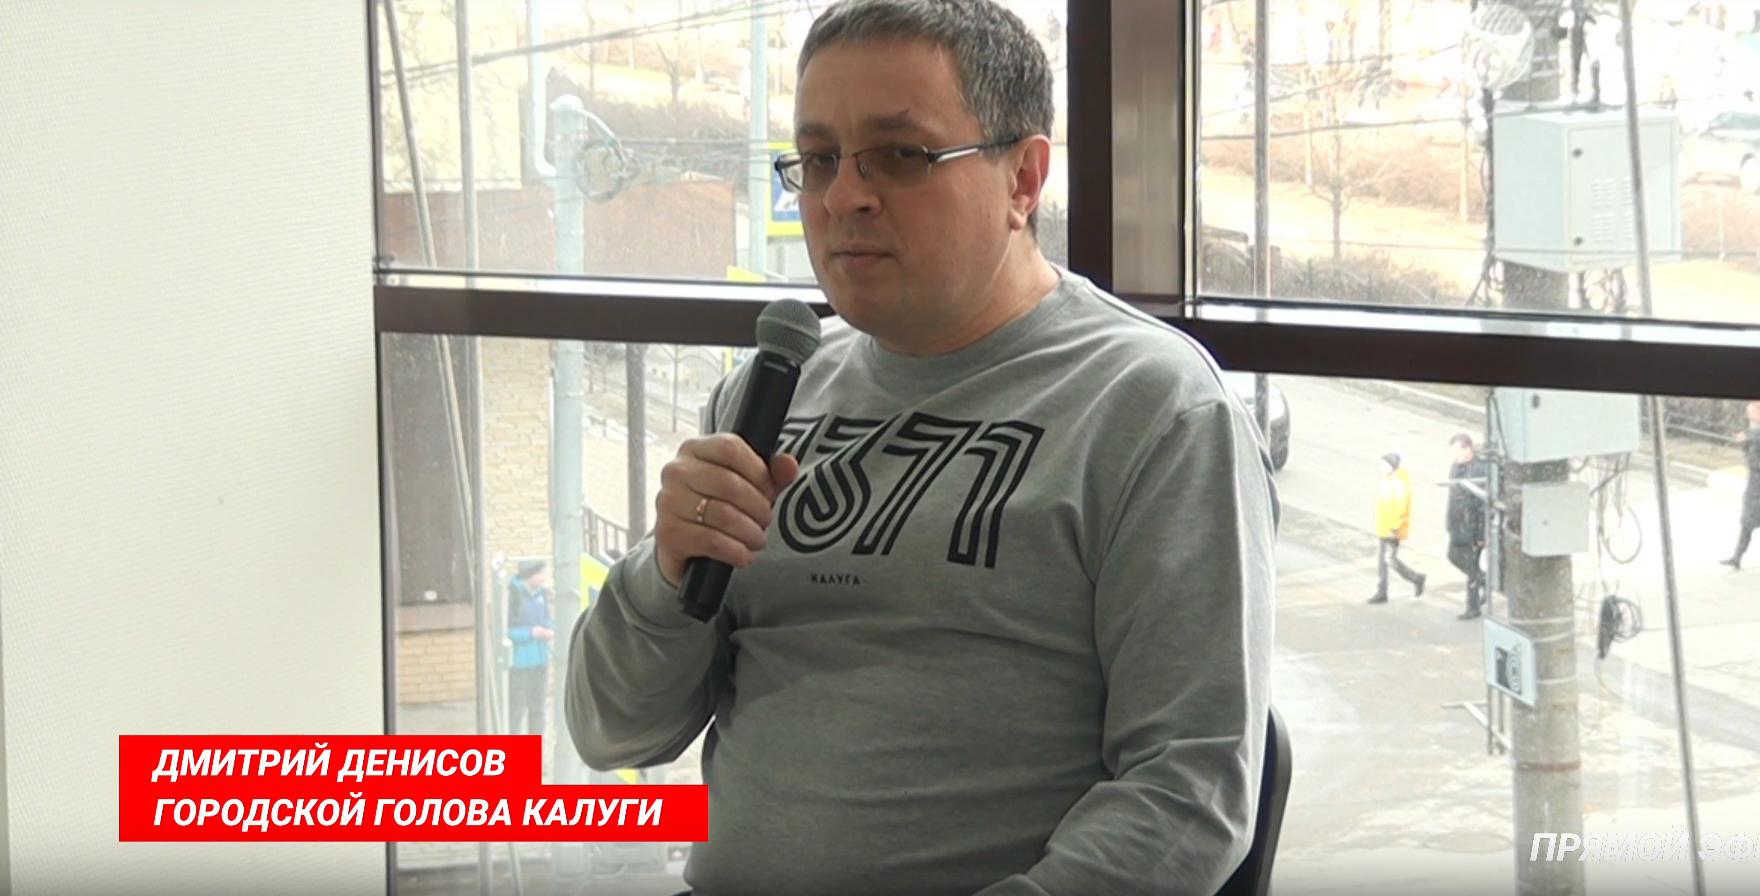 Дмитрий Денисов 8 апреля 2021 года